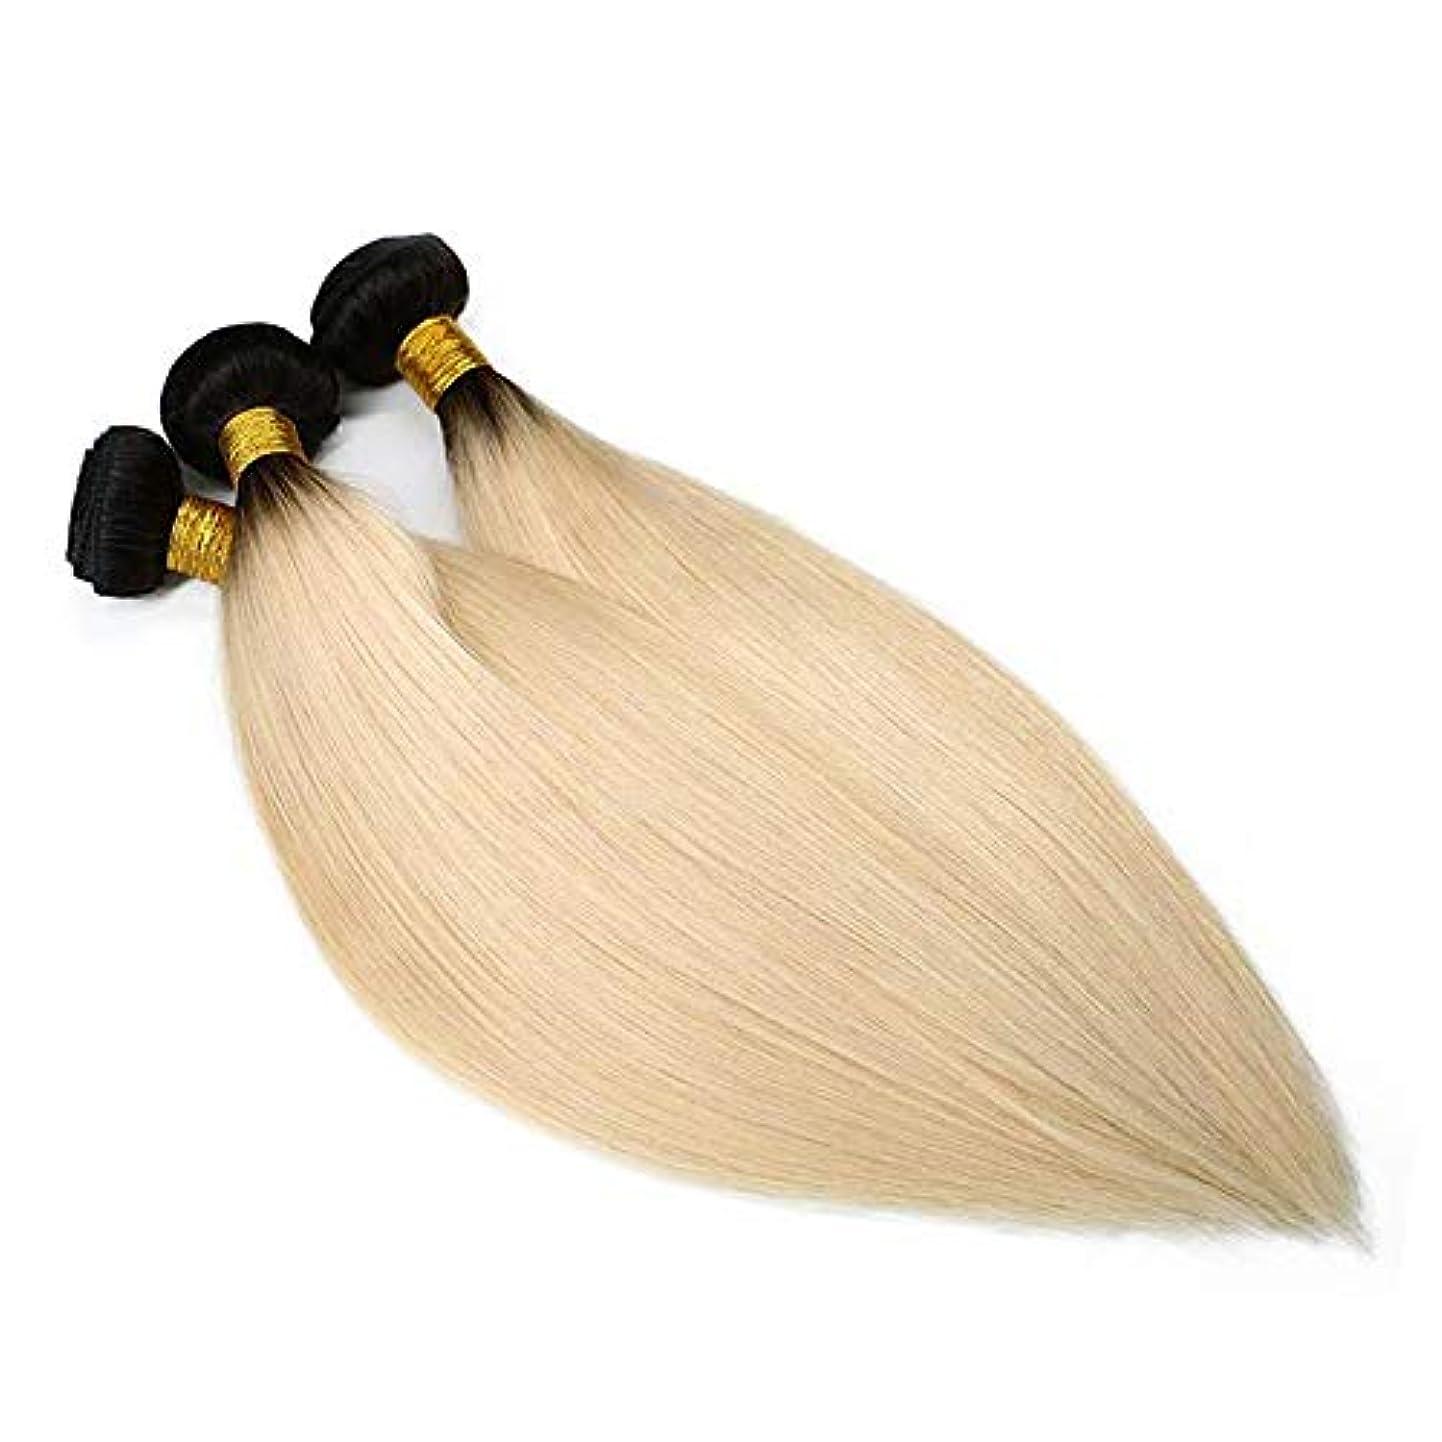 ビヨン配管工祖母WASAIO 100グラム)、ヘアエクステンションブラジルバンドルヒト織り横糸Unbowed#1B / 613ブロンド18インチ(1つのバンドル (色 : Blonde, サイズ : 12 inch)